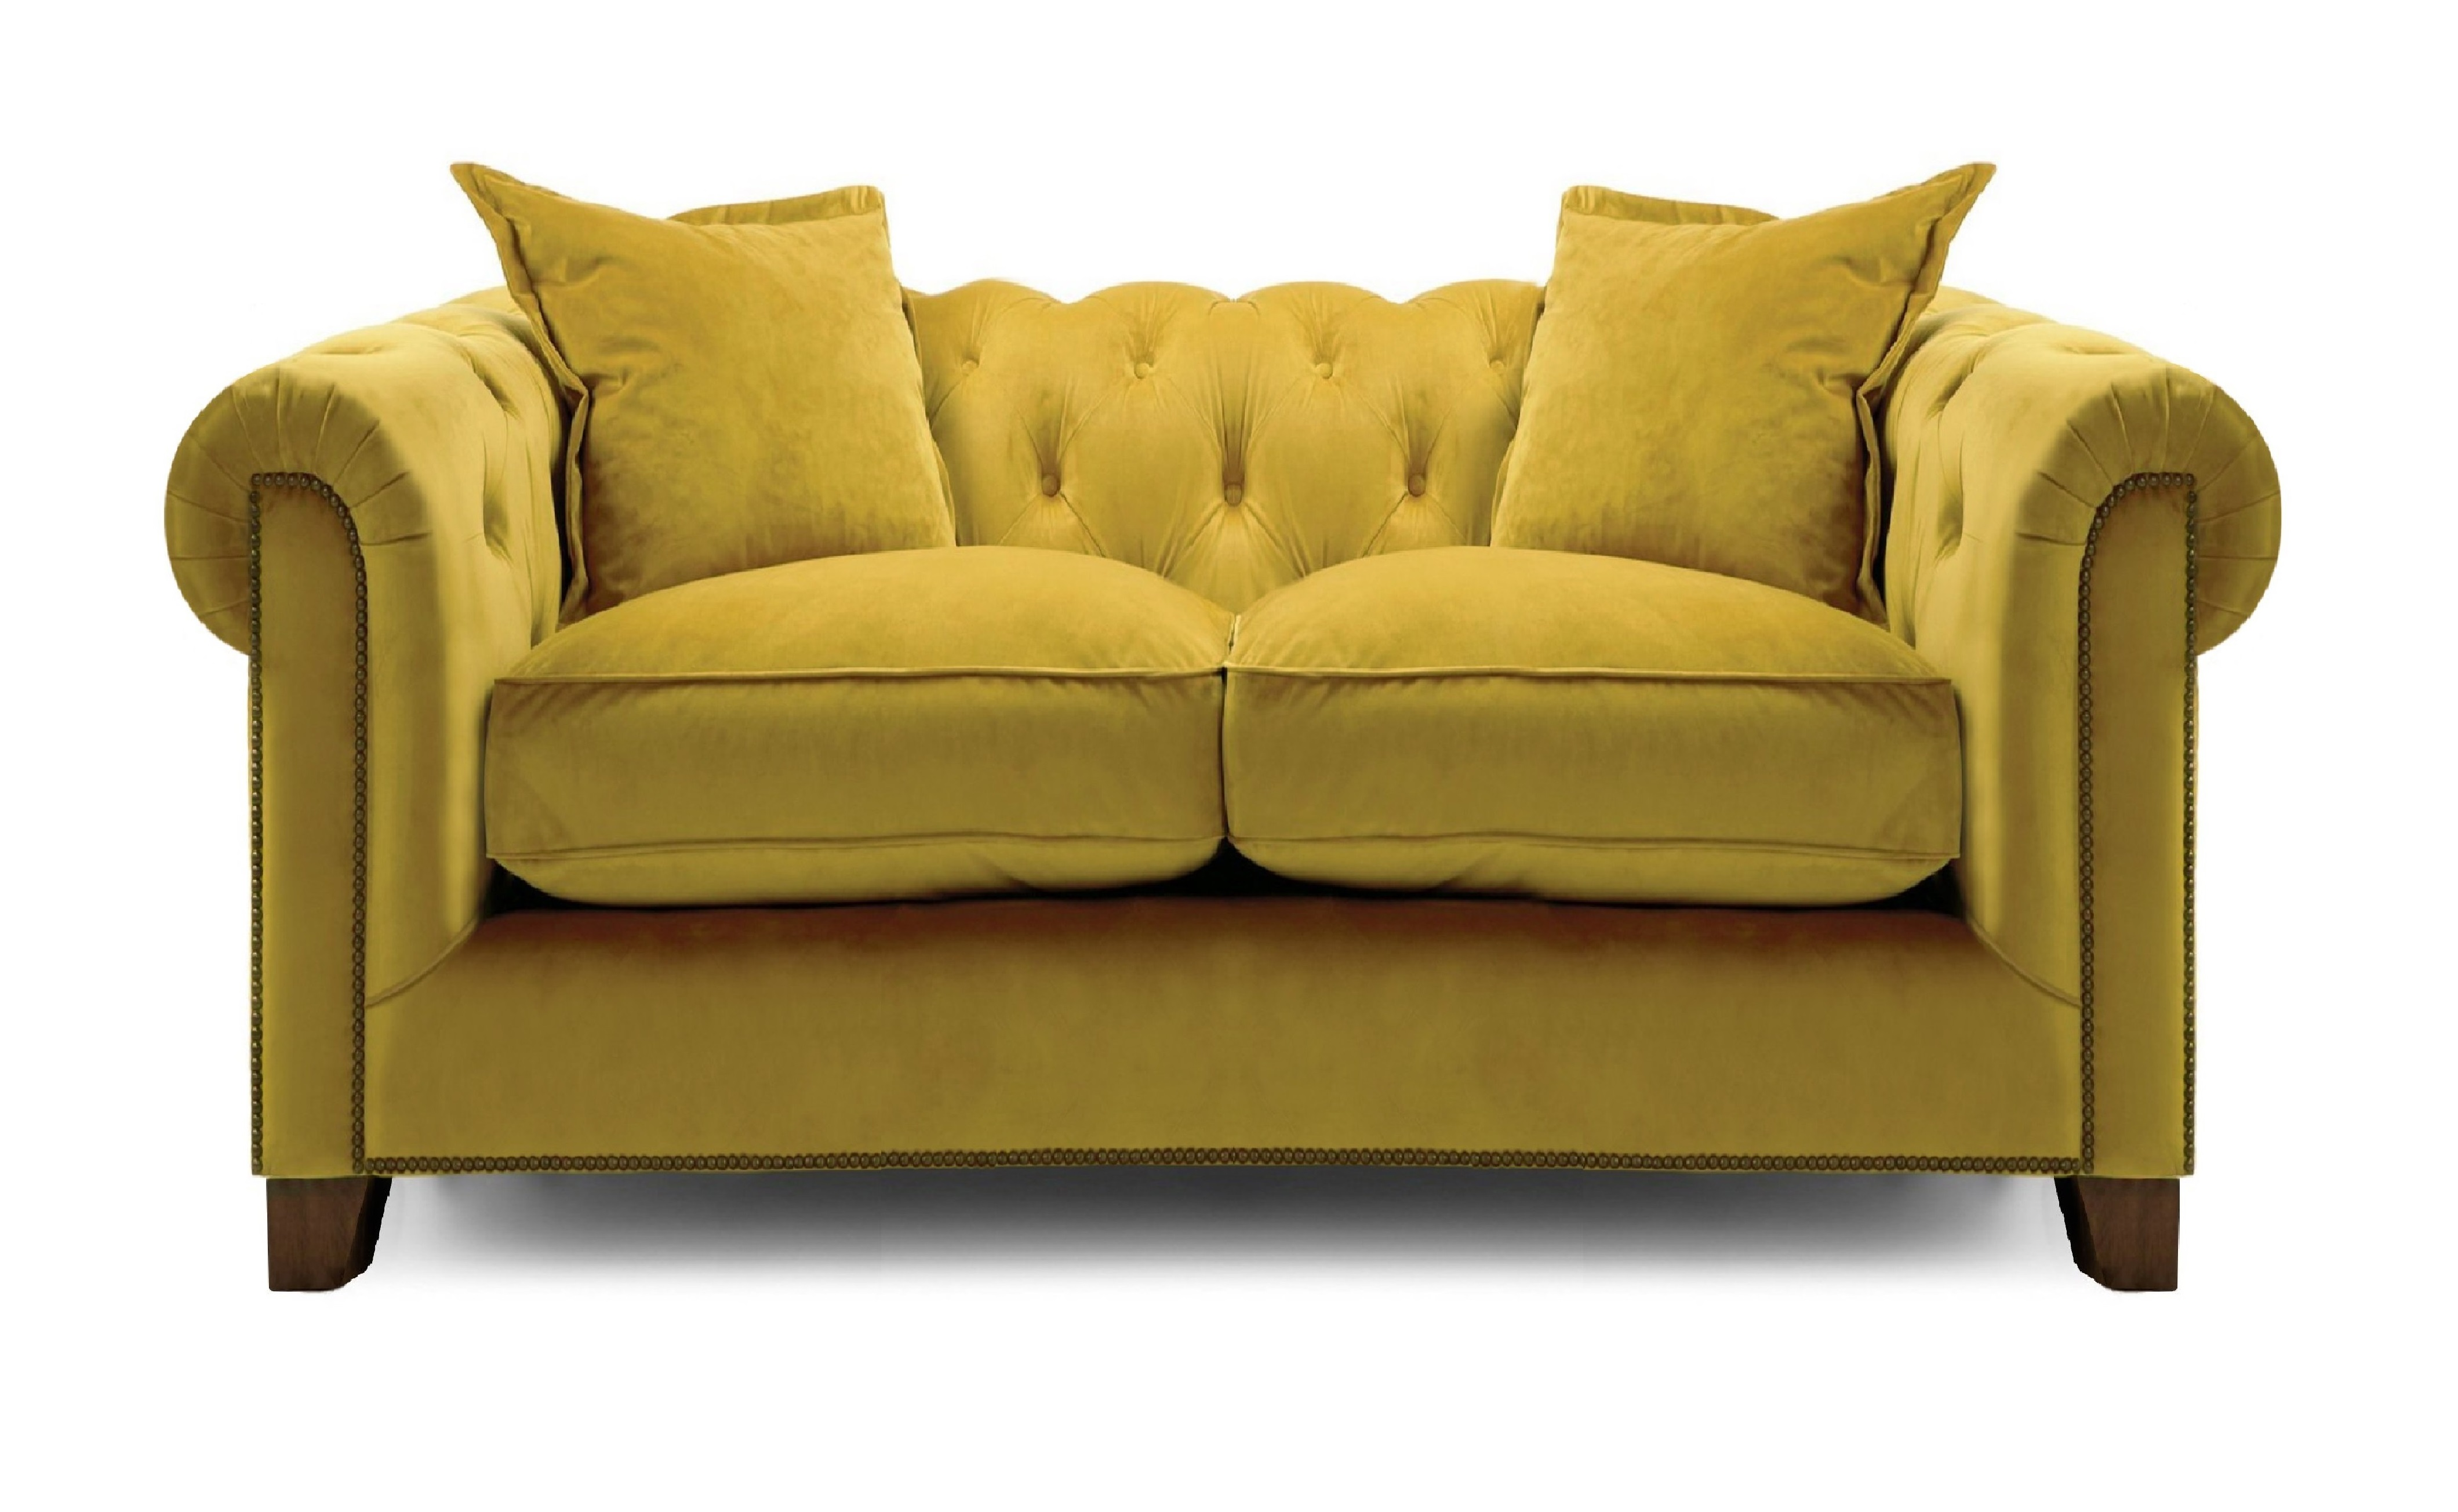 Kennedy 2 Seater Hermit Sofa - Mustard